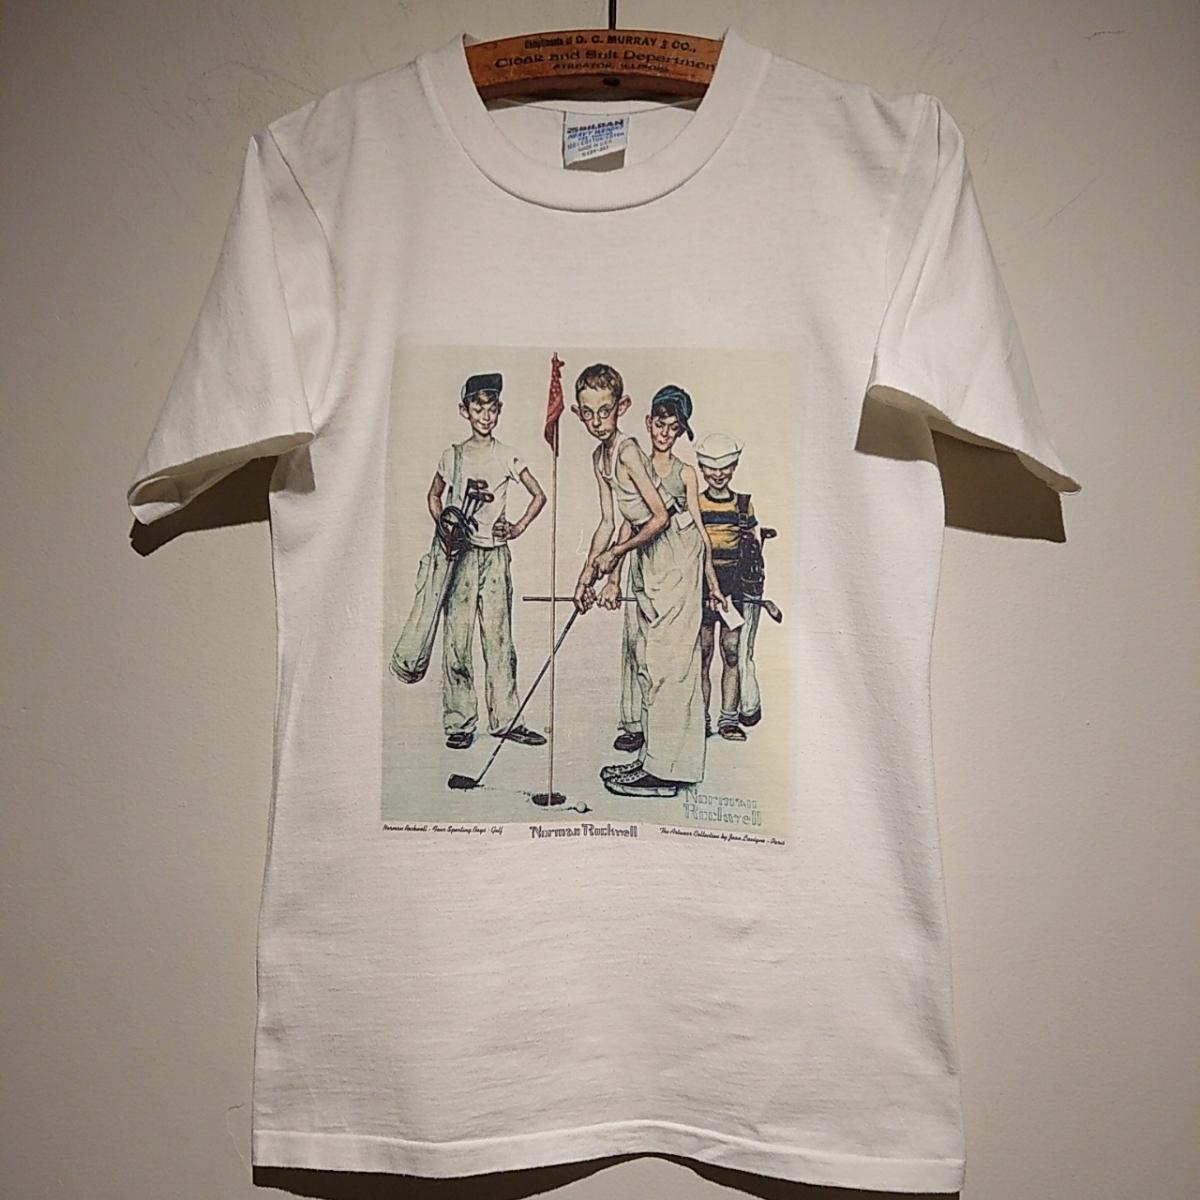 90s ビンテージ NORMAN ROCKWELL ノーマン ロックウェル Tシャツ アート t アメリカ usa 製 白 S プリント 古着_画像2